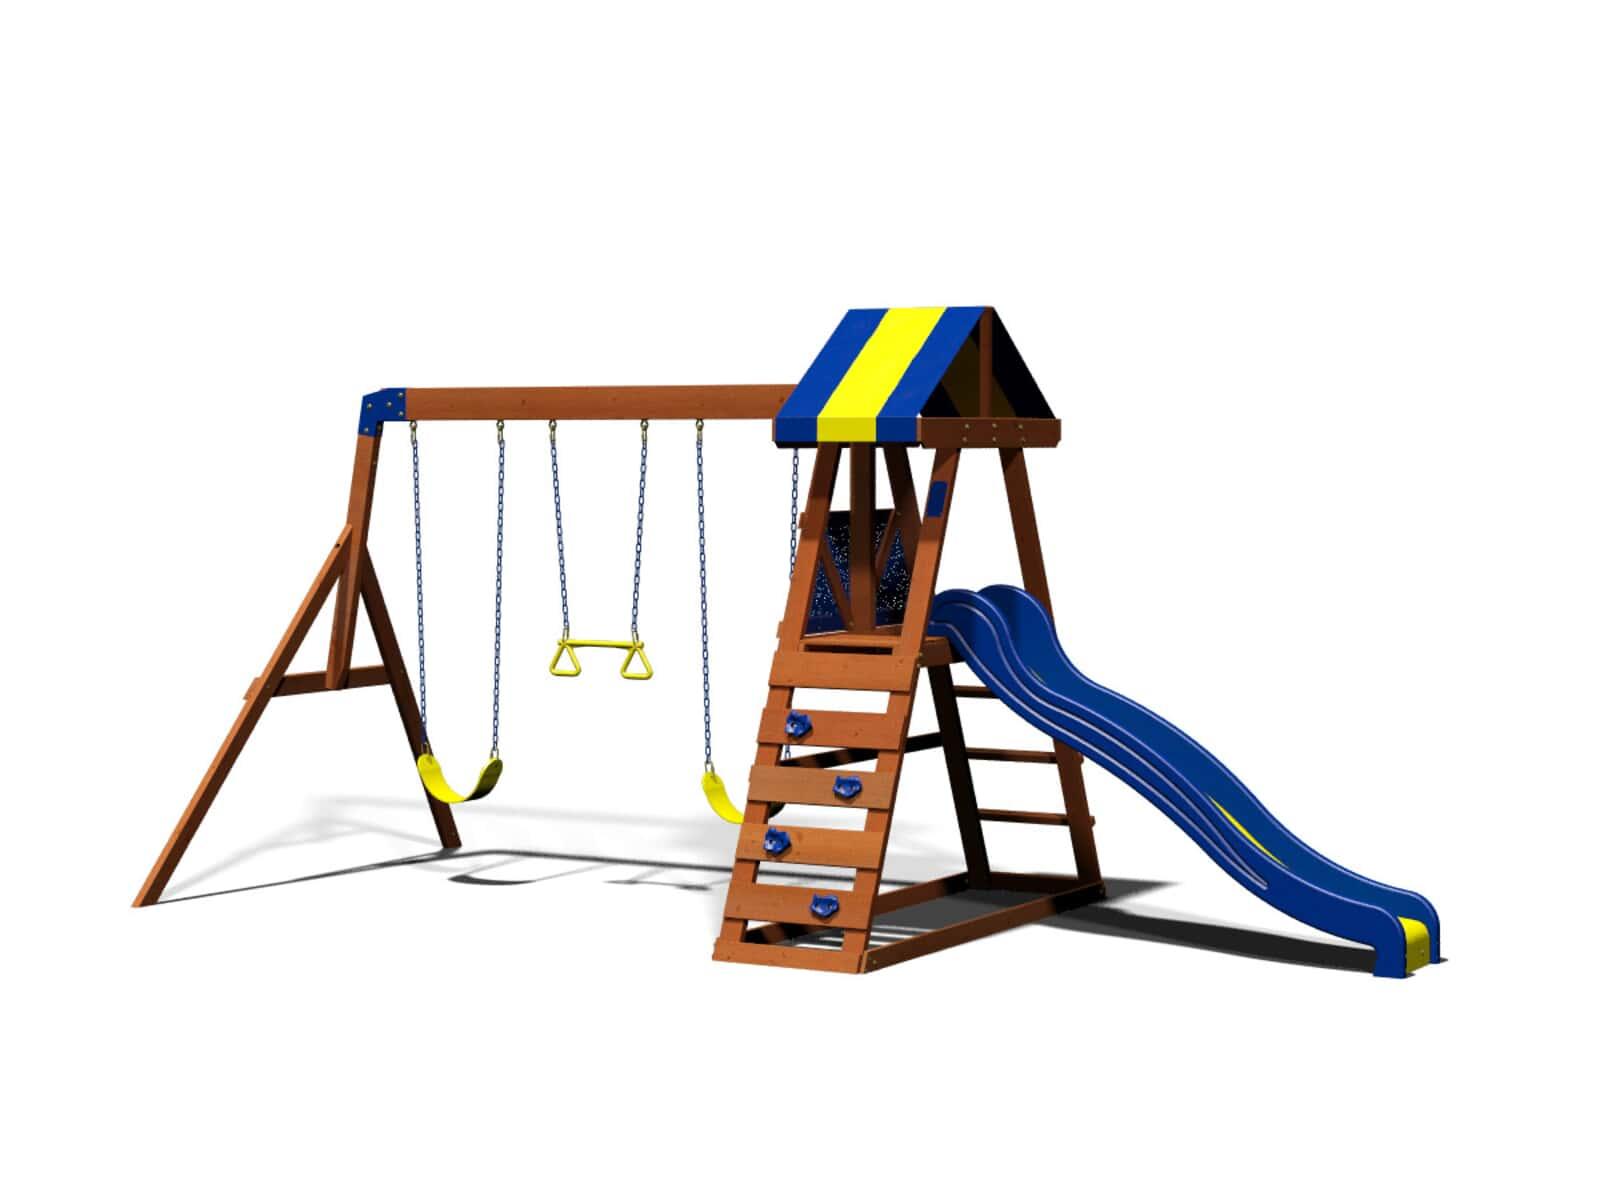 Dayton Wooden Swing Set Playsets Backyard Discovery